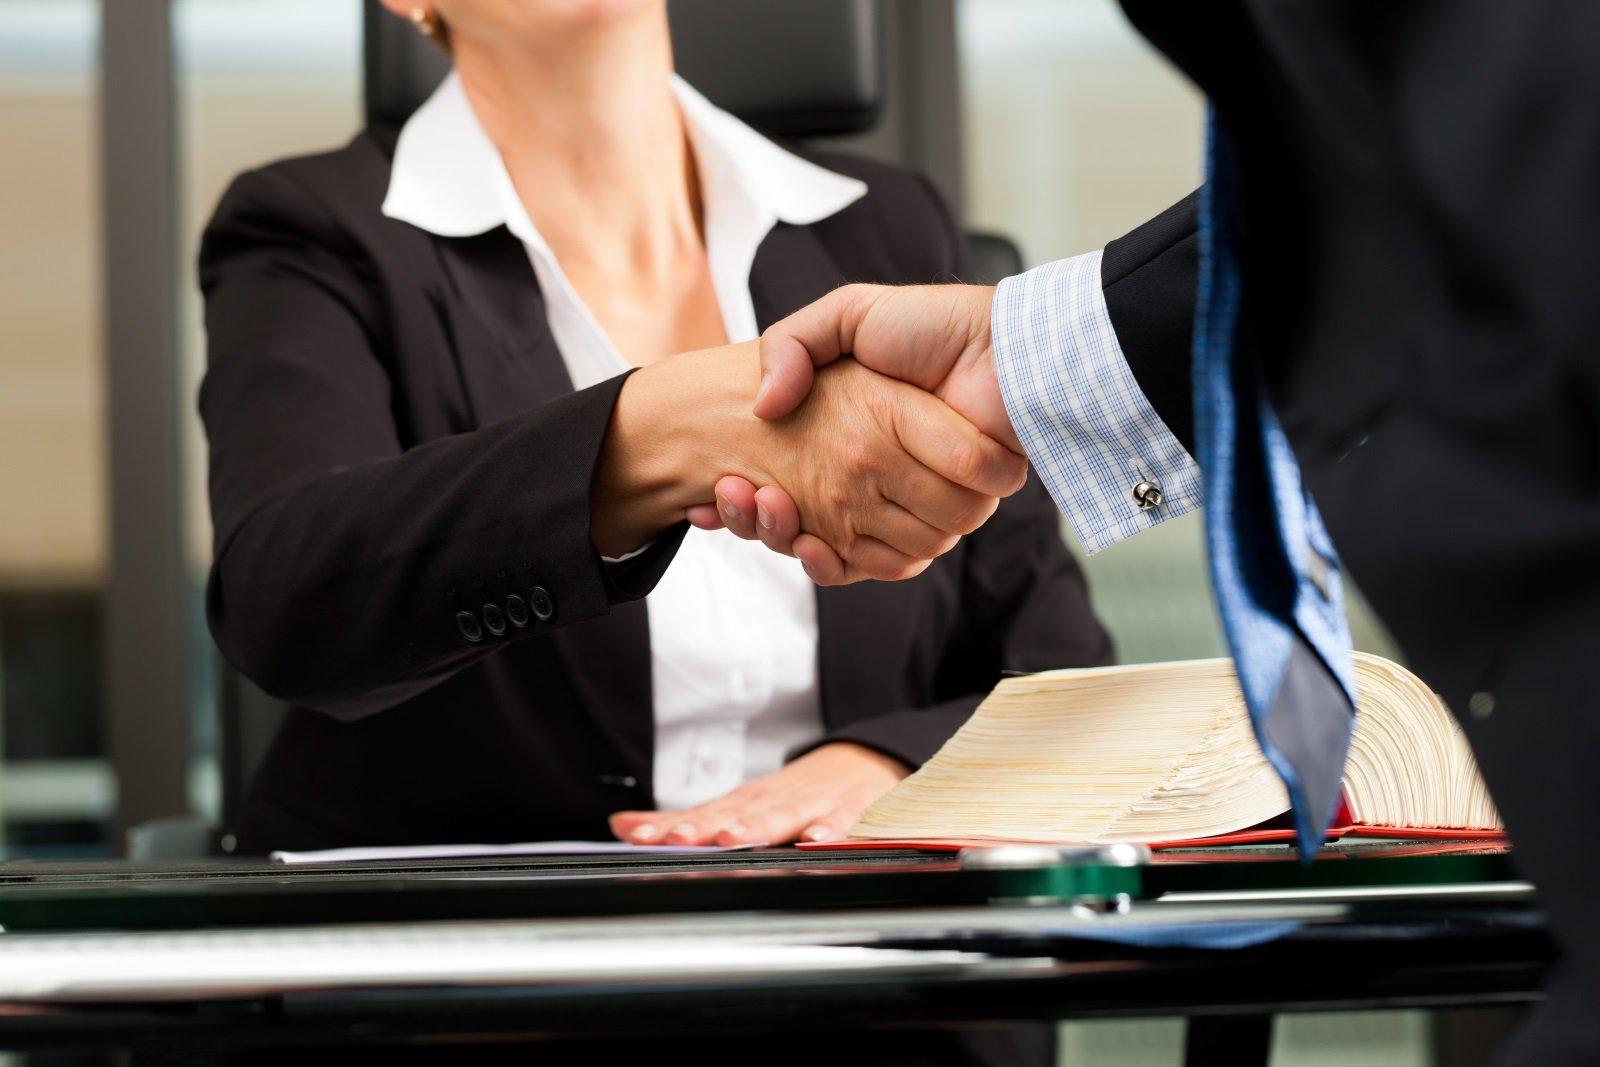 avvocato mentre stringe la mano a un cliente